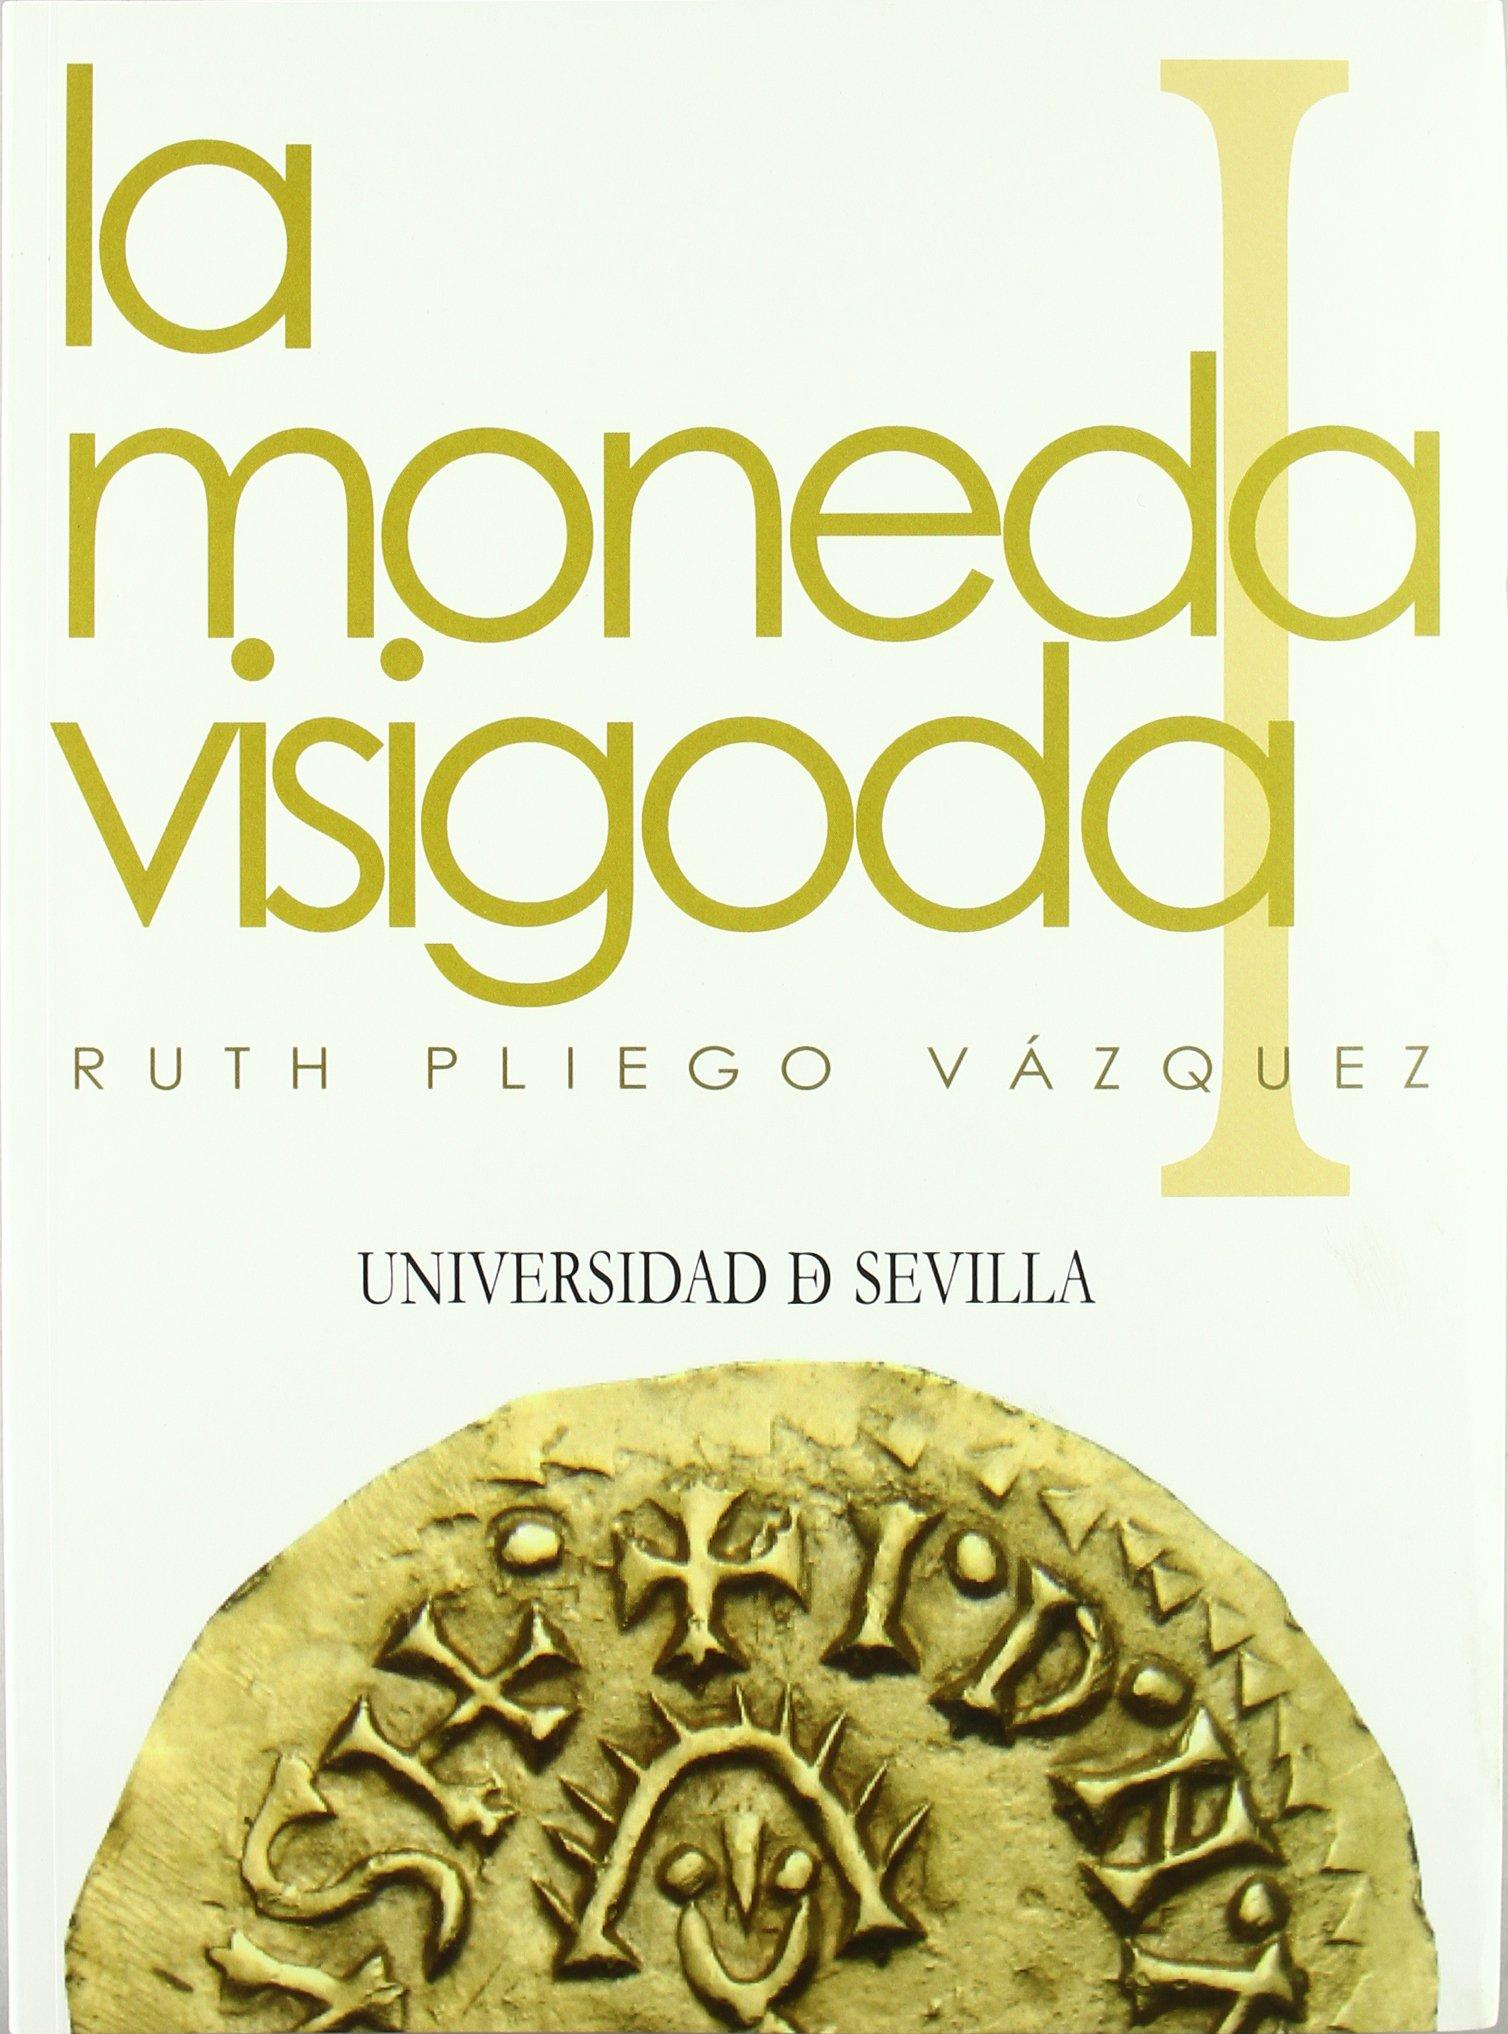 La moneda visigoda: I. Historia monetaria del Reino visigodo de Toledo. II. Corpus (2 vol.) Tapa blanda – 6 jun 2017 Ruth Pliego 8447212122 Archaeology Arqueología